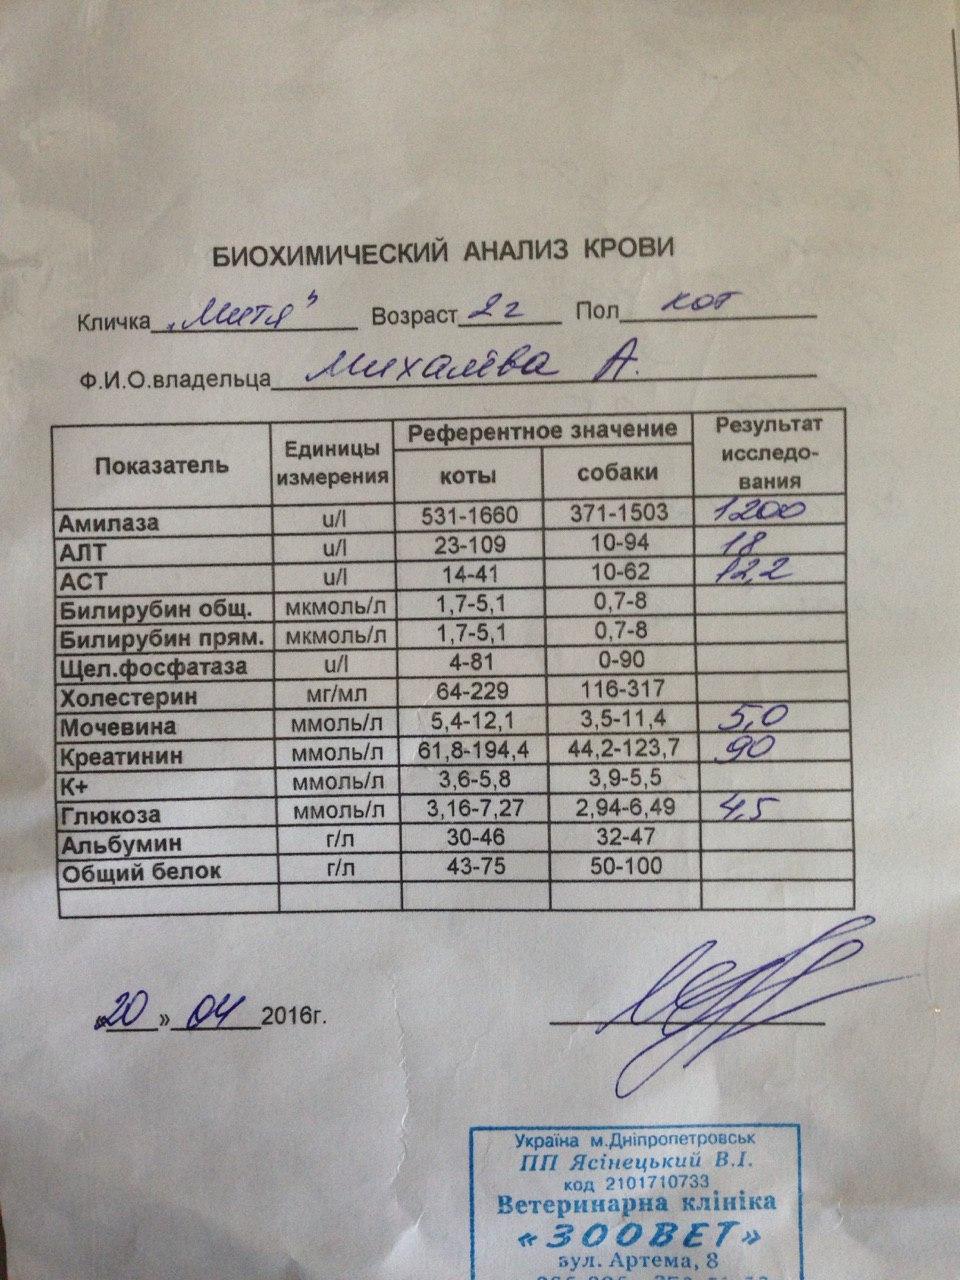 Биохимический анализ крови для беременных